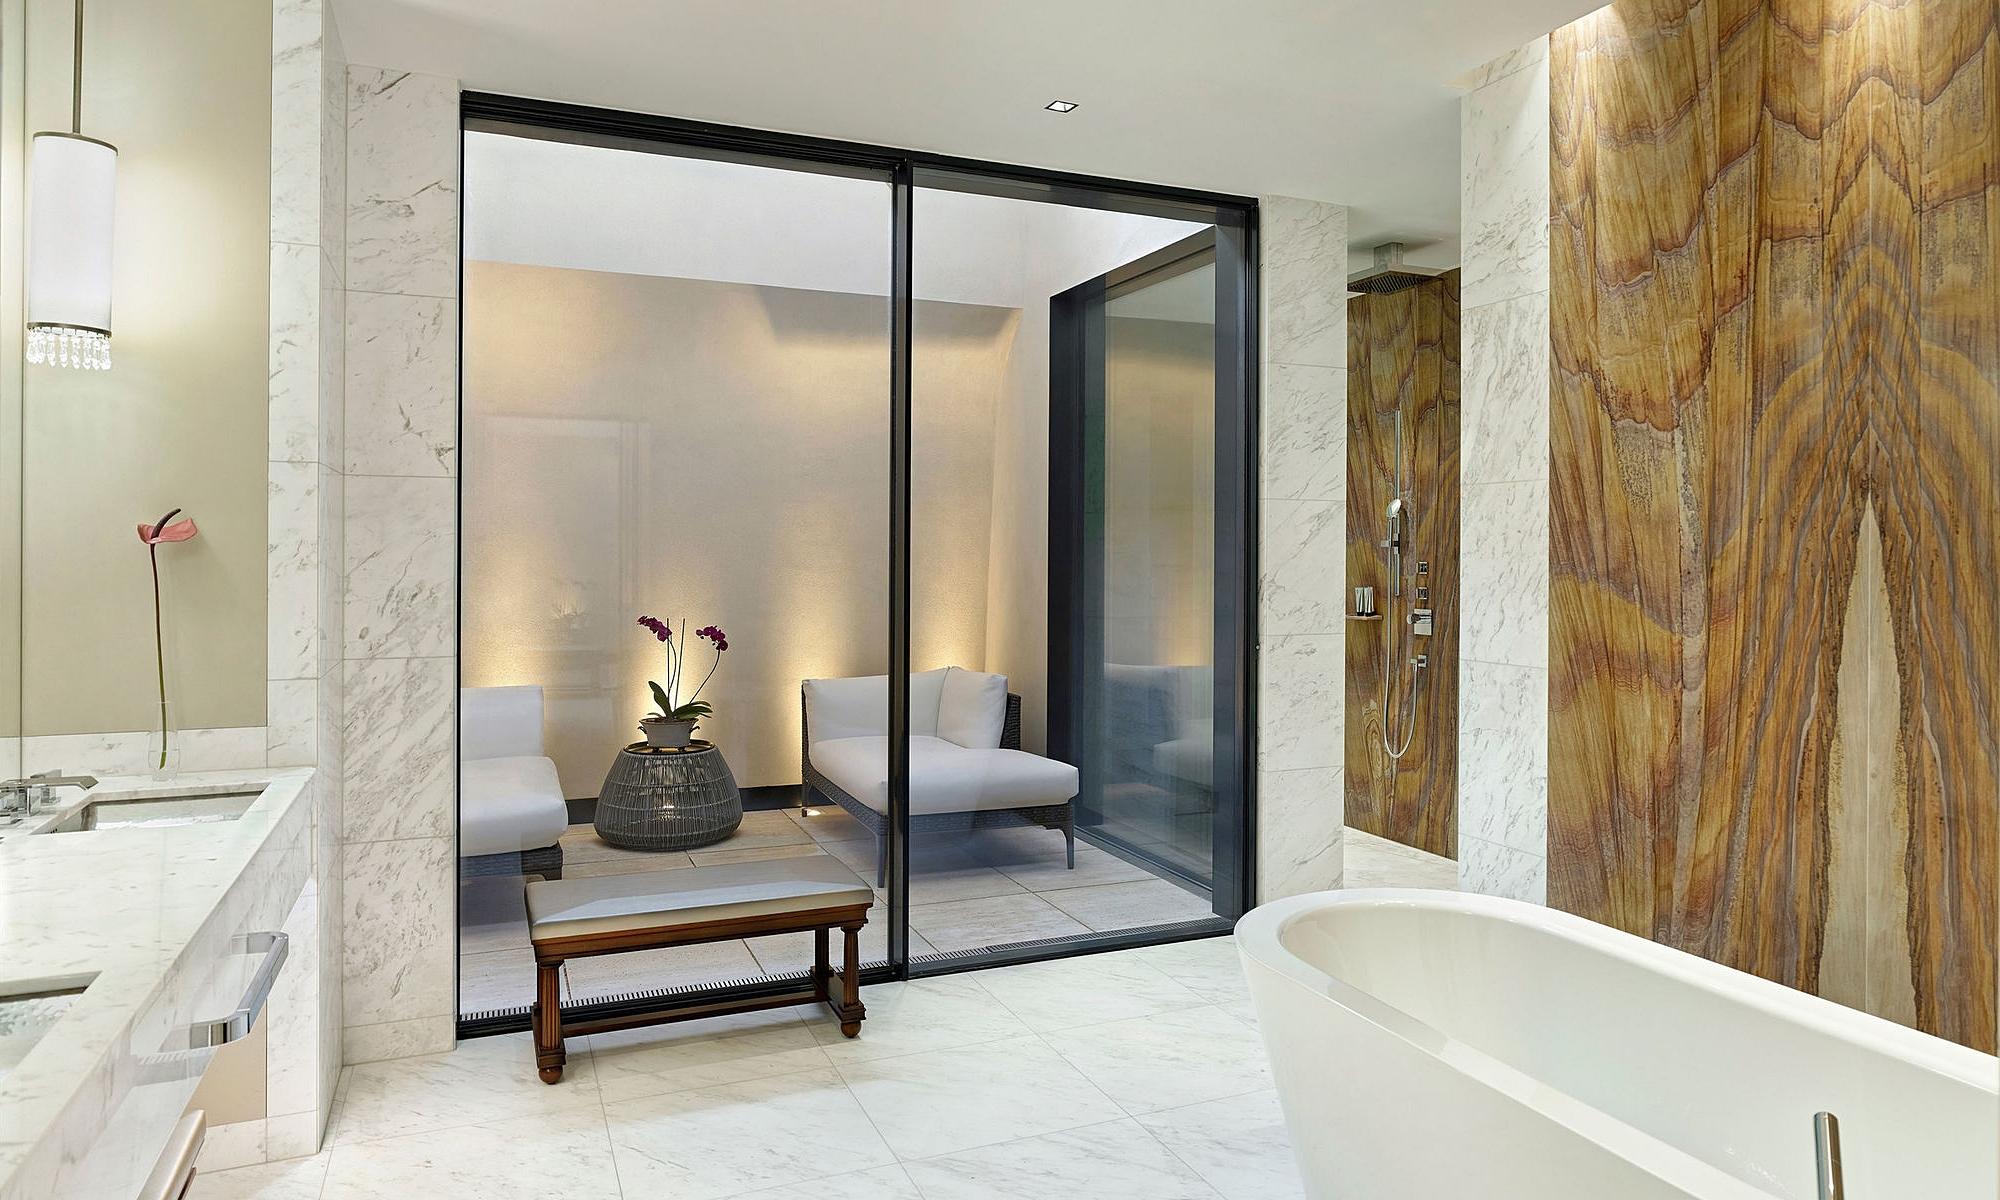 Marmo ovunque - Nella Presidential Suite trovi un bagno con doccia a pioggia, bagno turco ed una vasca da bagno in cui immergerti in completo relax.